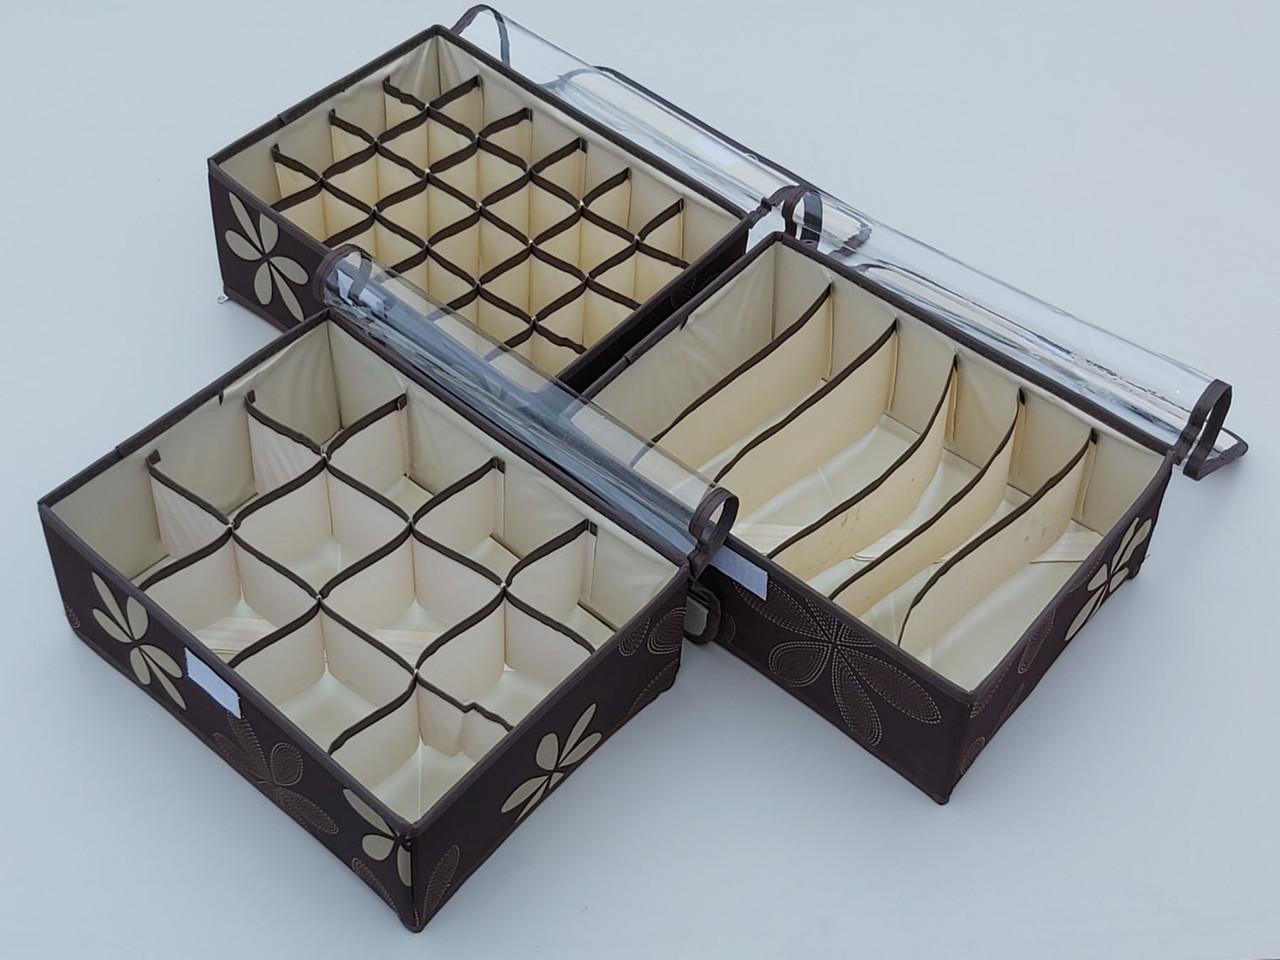 Набор органайзеров из 3 штук с крышкой для хранения мелких предметов одежды коричневого цвета